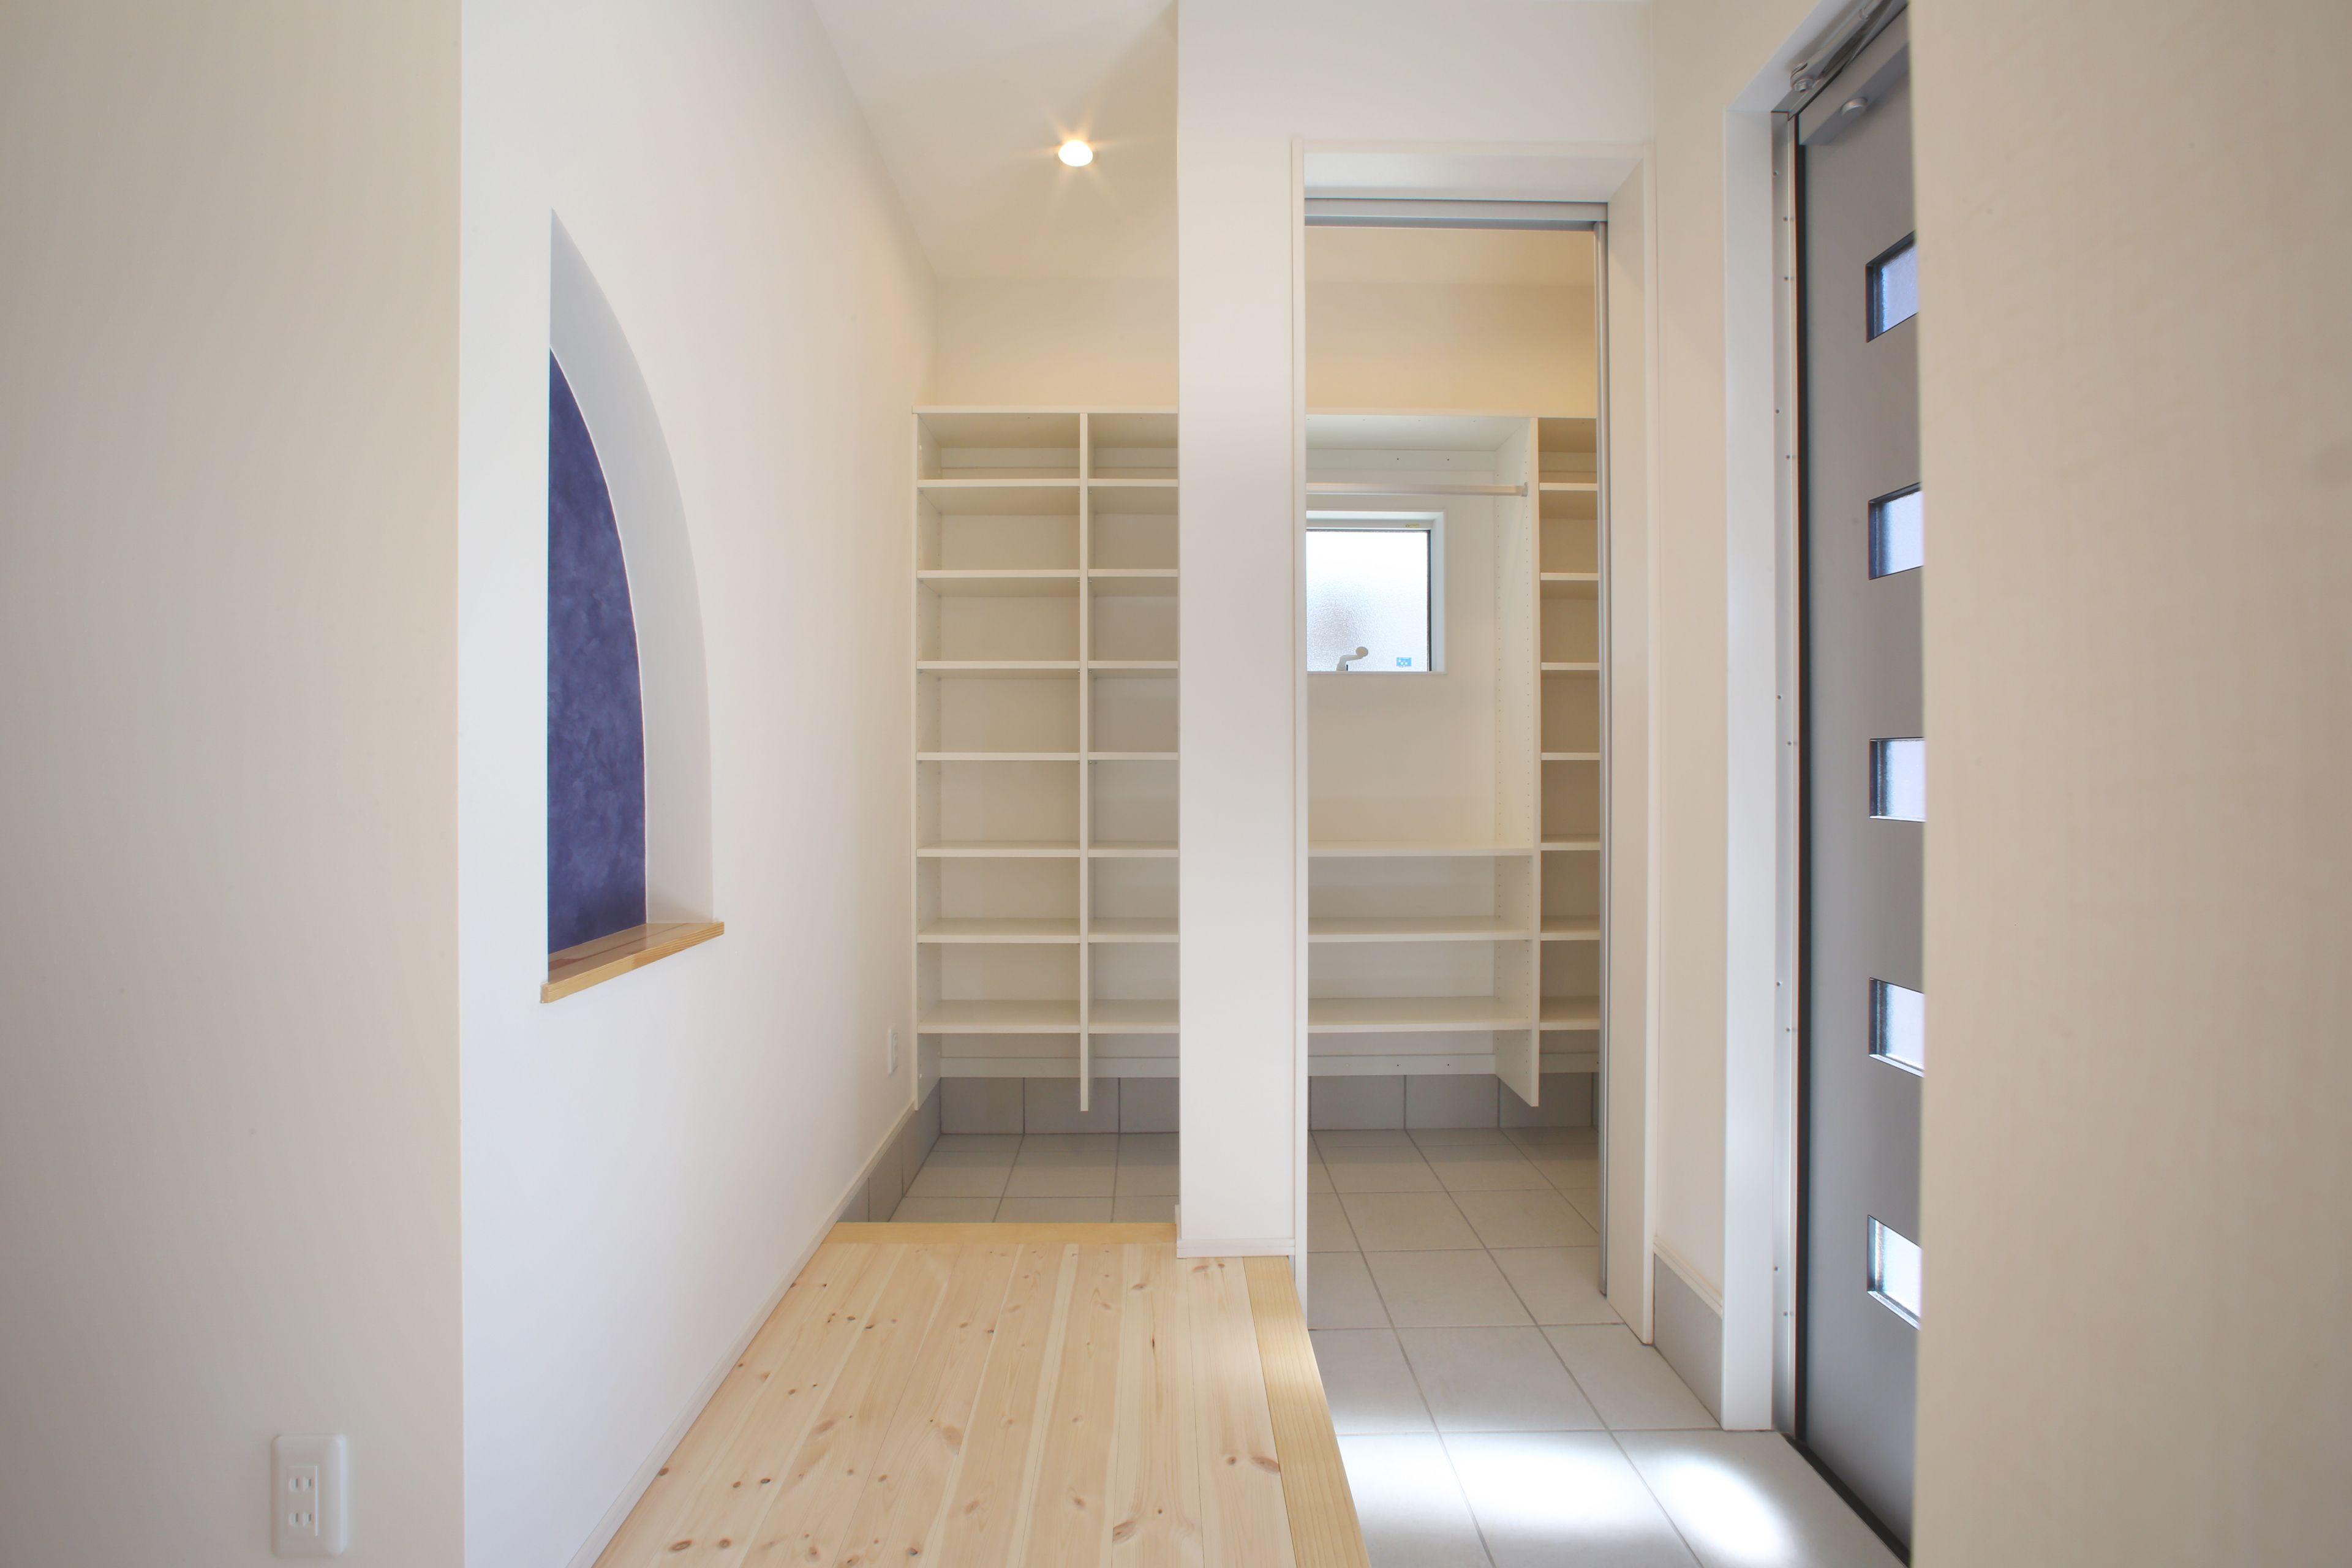 収納の工夫たっぷり 明るい室内の家 玄関収納 ヨネダ施工例 福知山